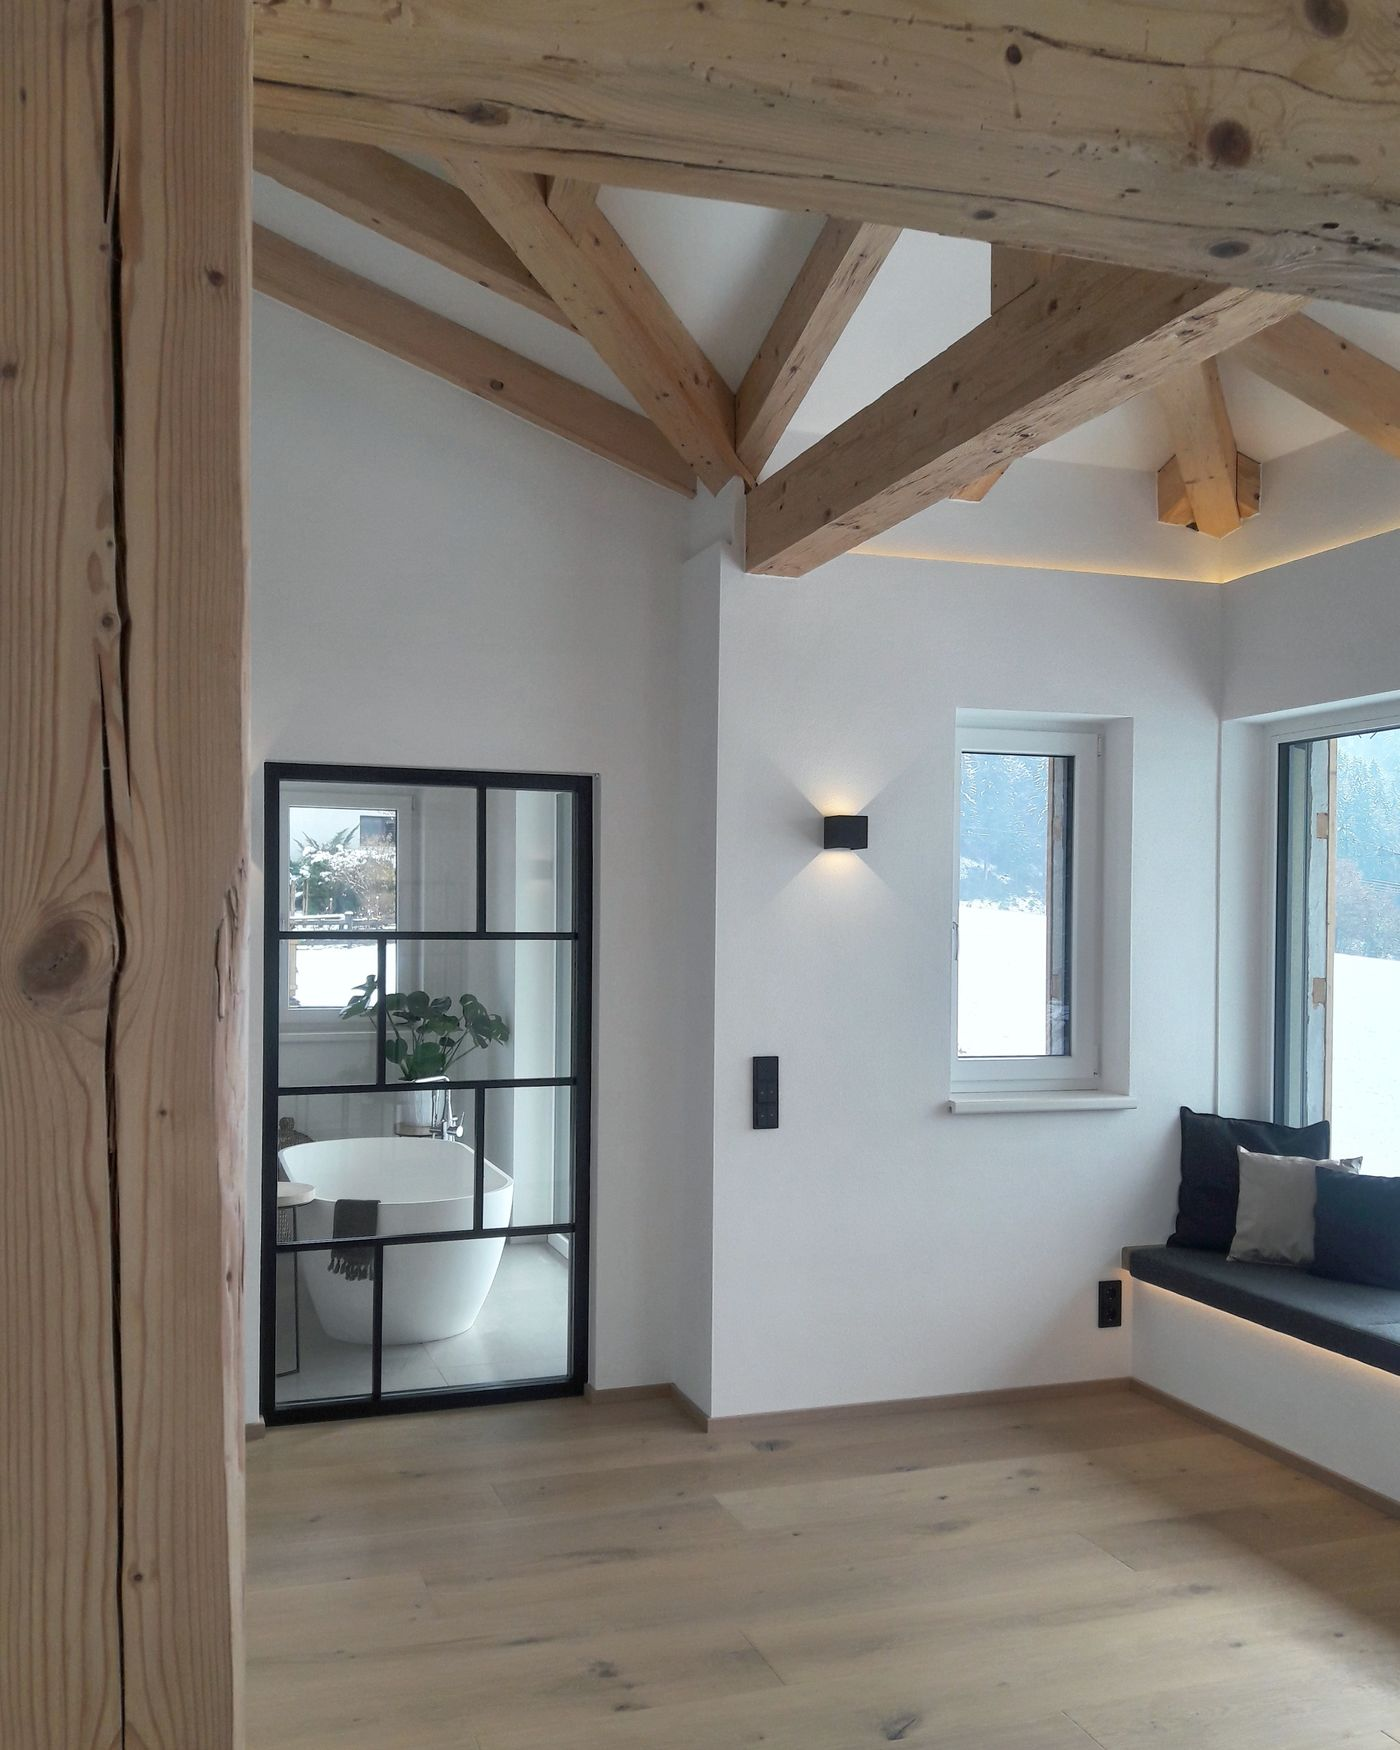 Dachschräge Gestalten Wohnzimmer